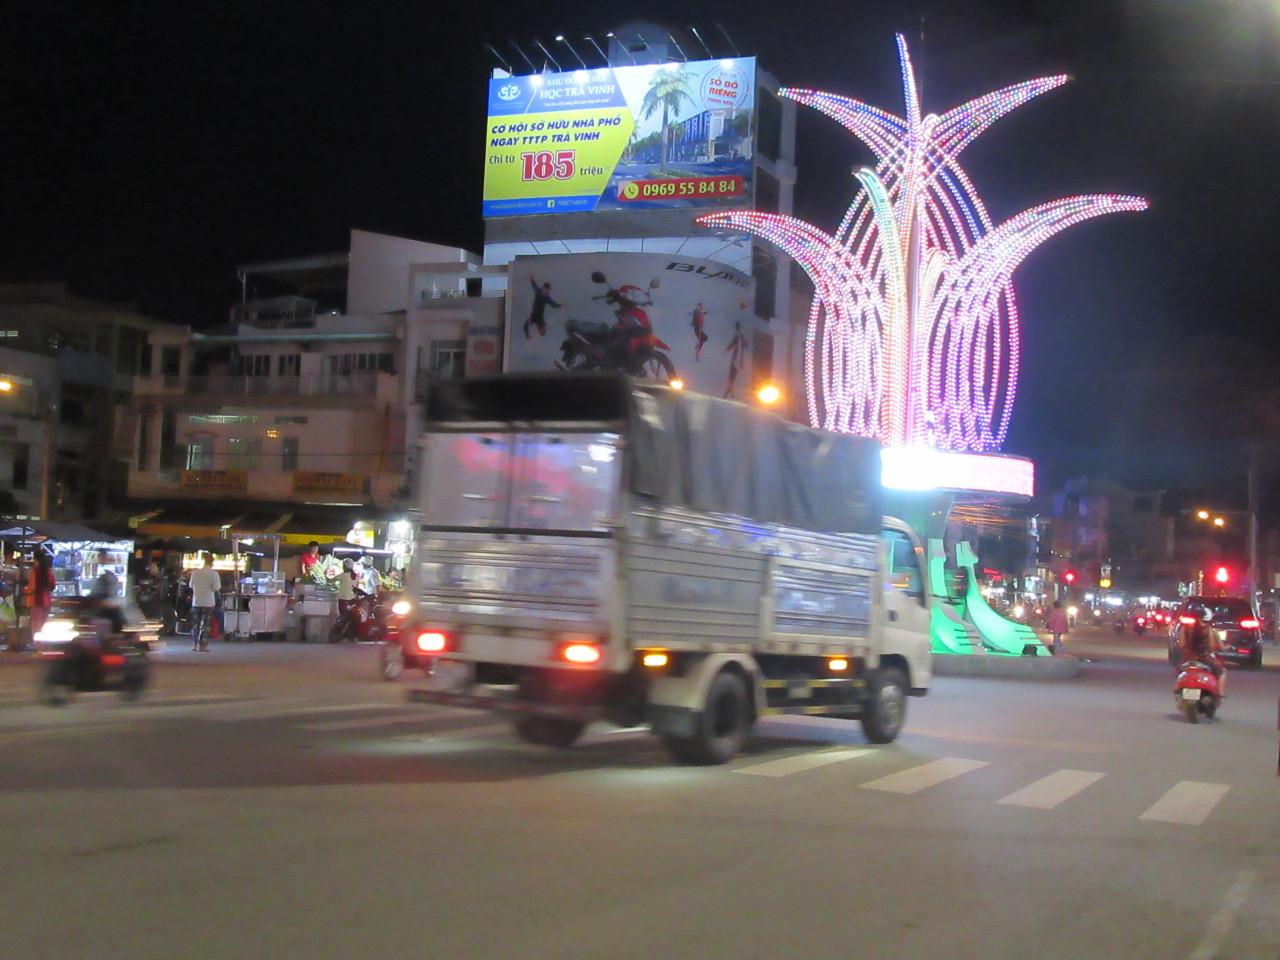 Chợ Trà Vinh-TV002